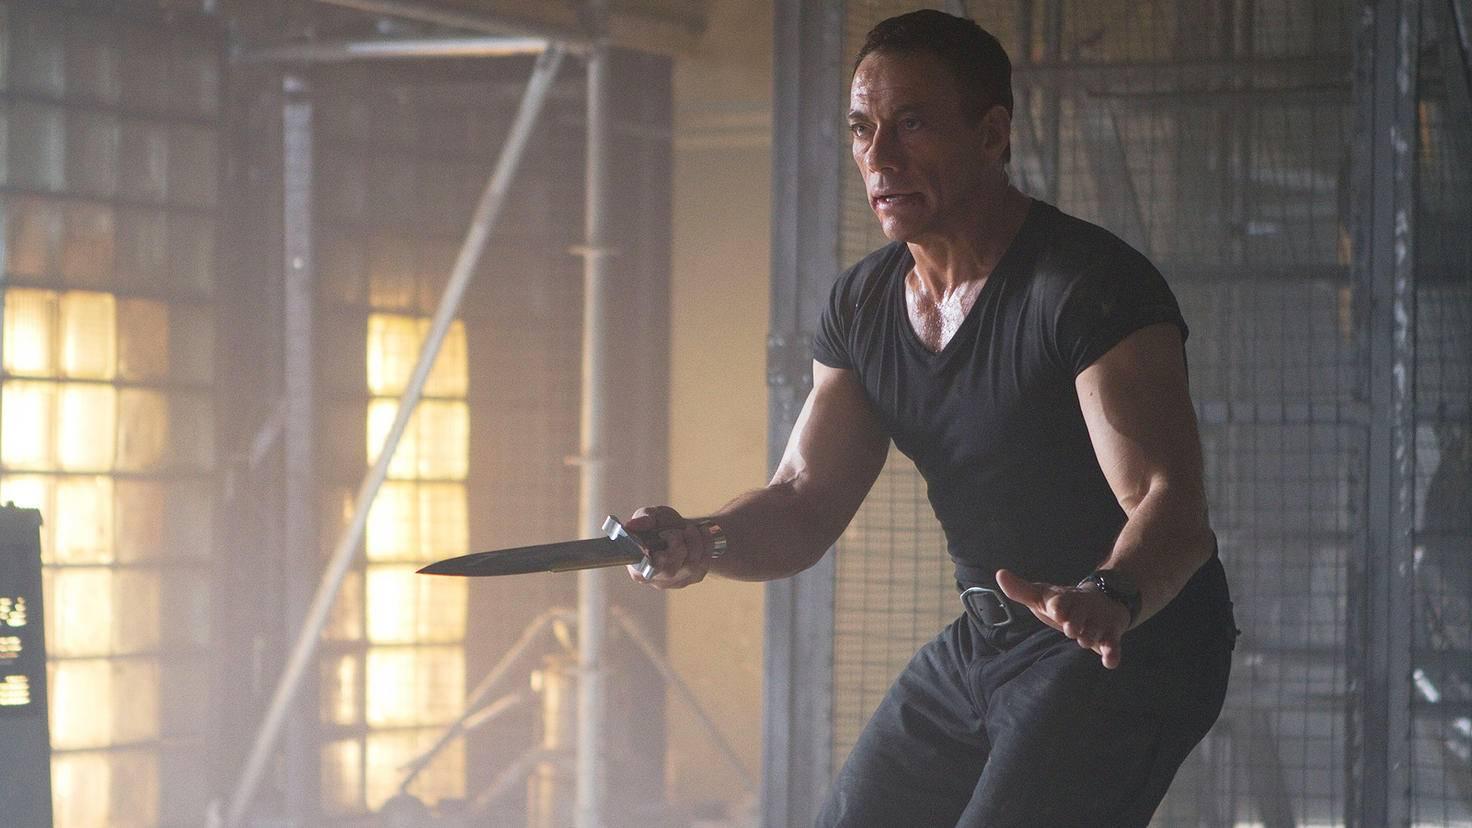 Jean-Claude Van Damme-Expendables 2-Lionsgate Home Entertainment